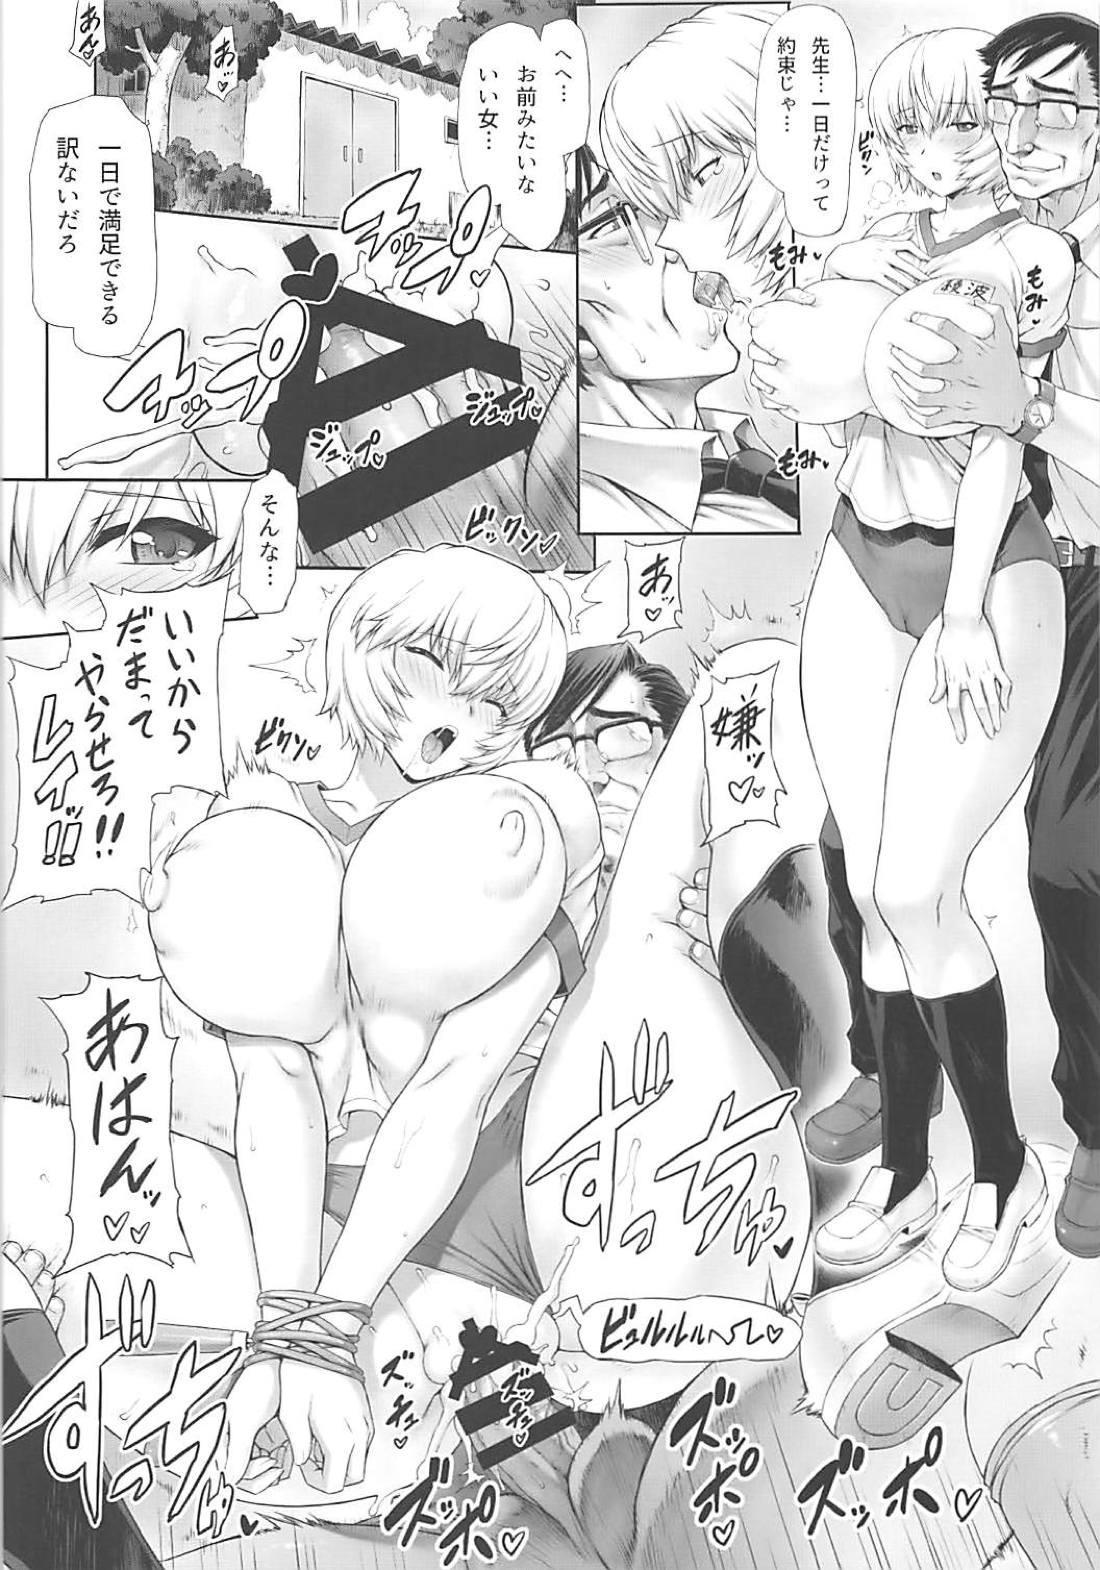 Ayanami Dai 9-kai Ayanami Nikki 4